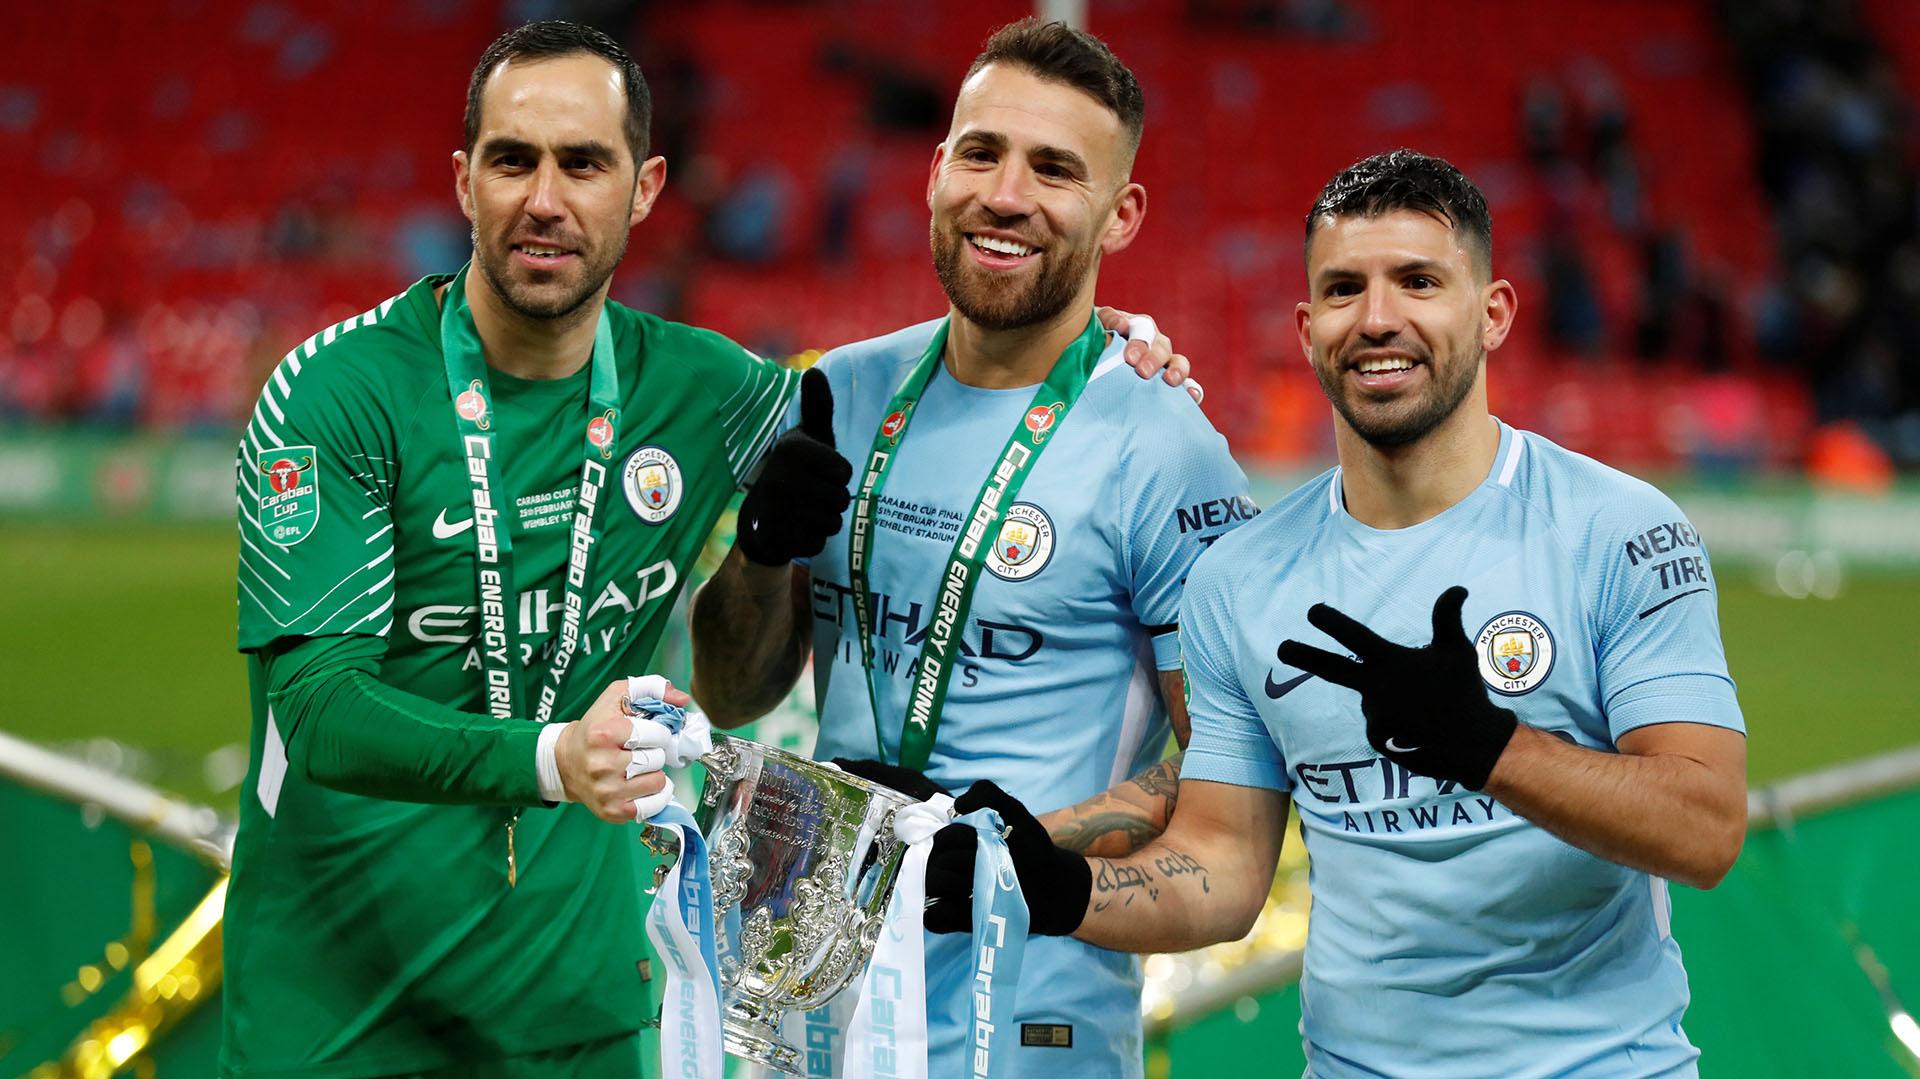 Claudio Bravo, Nicolás Otamendi y Serguio Agüero con la Copa de la Liga conseguida hace unos meses(Reuters)